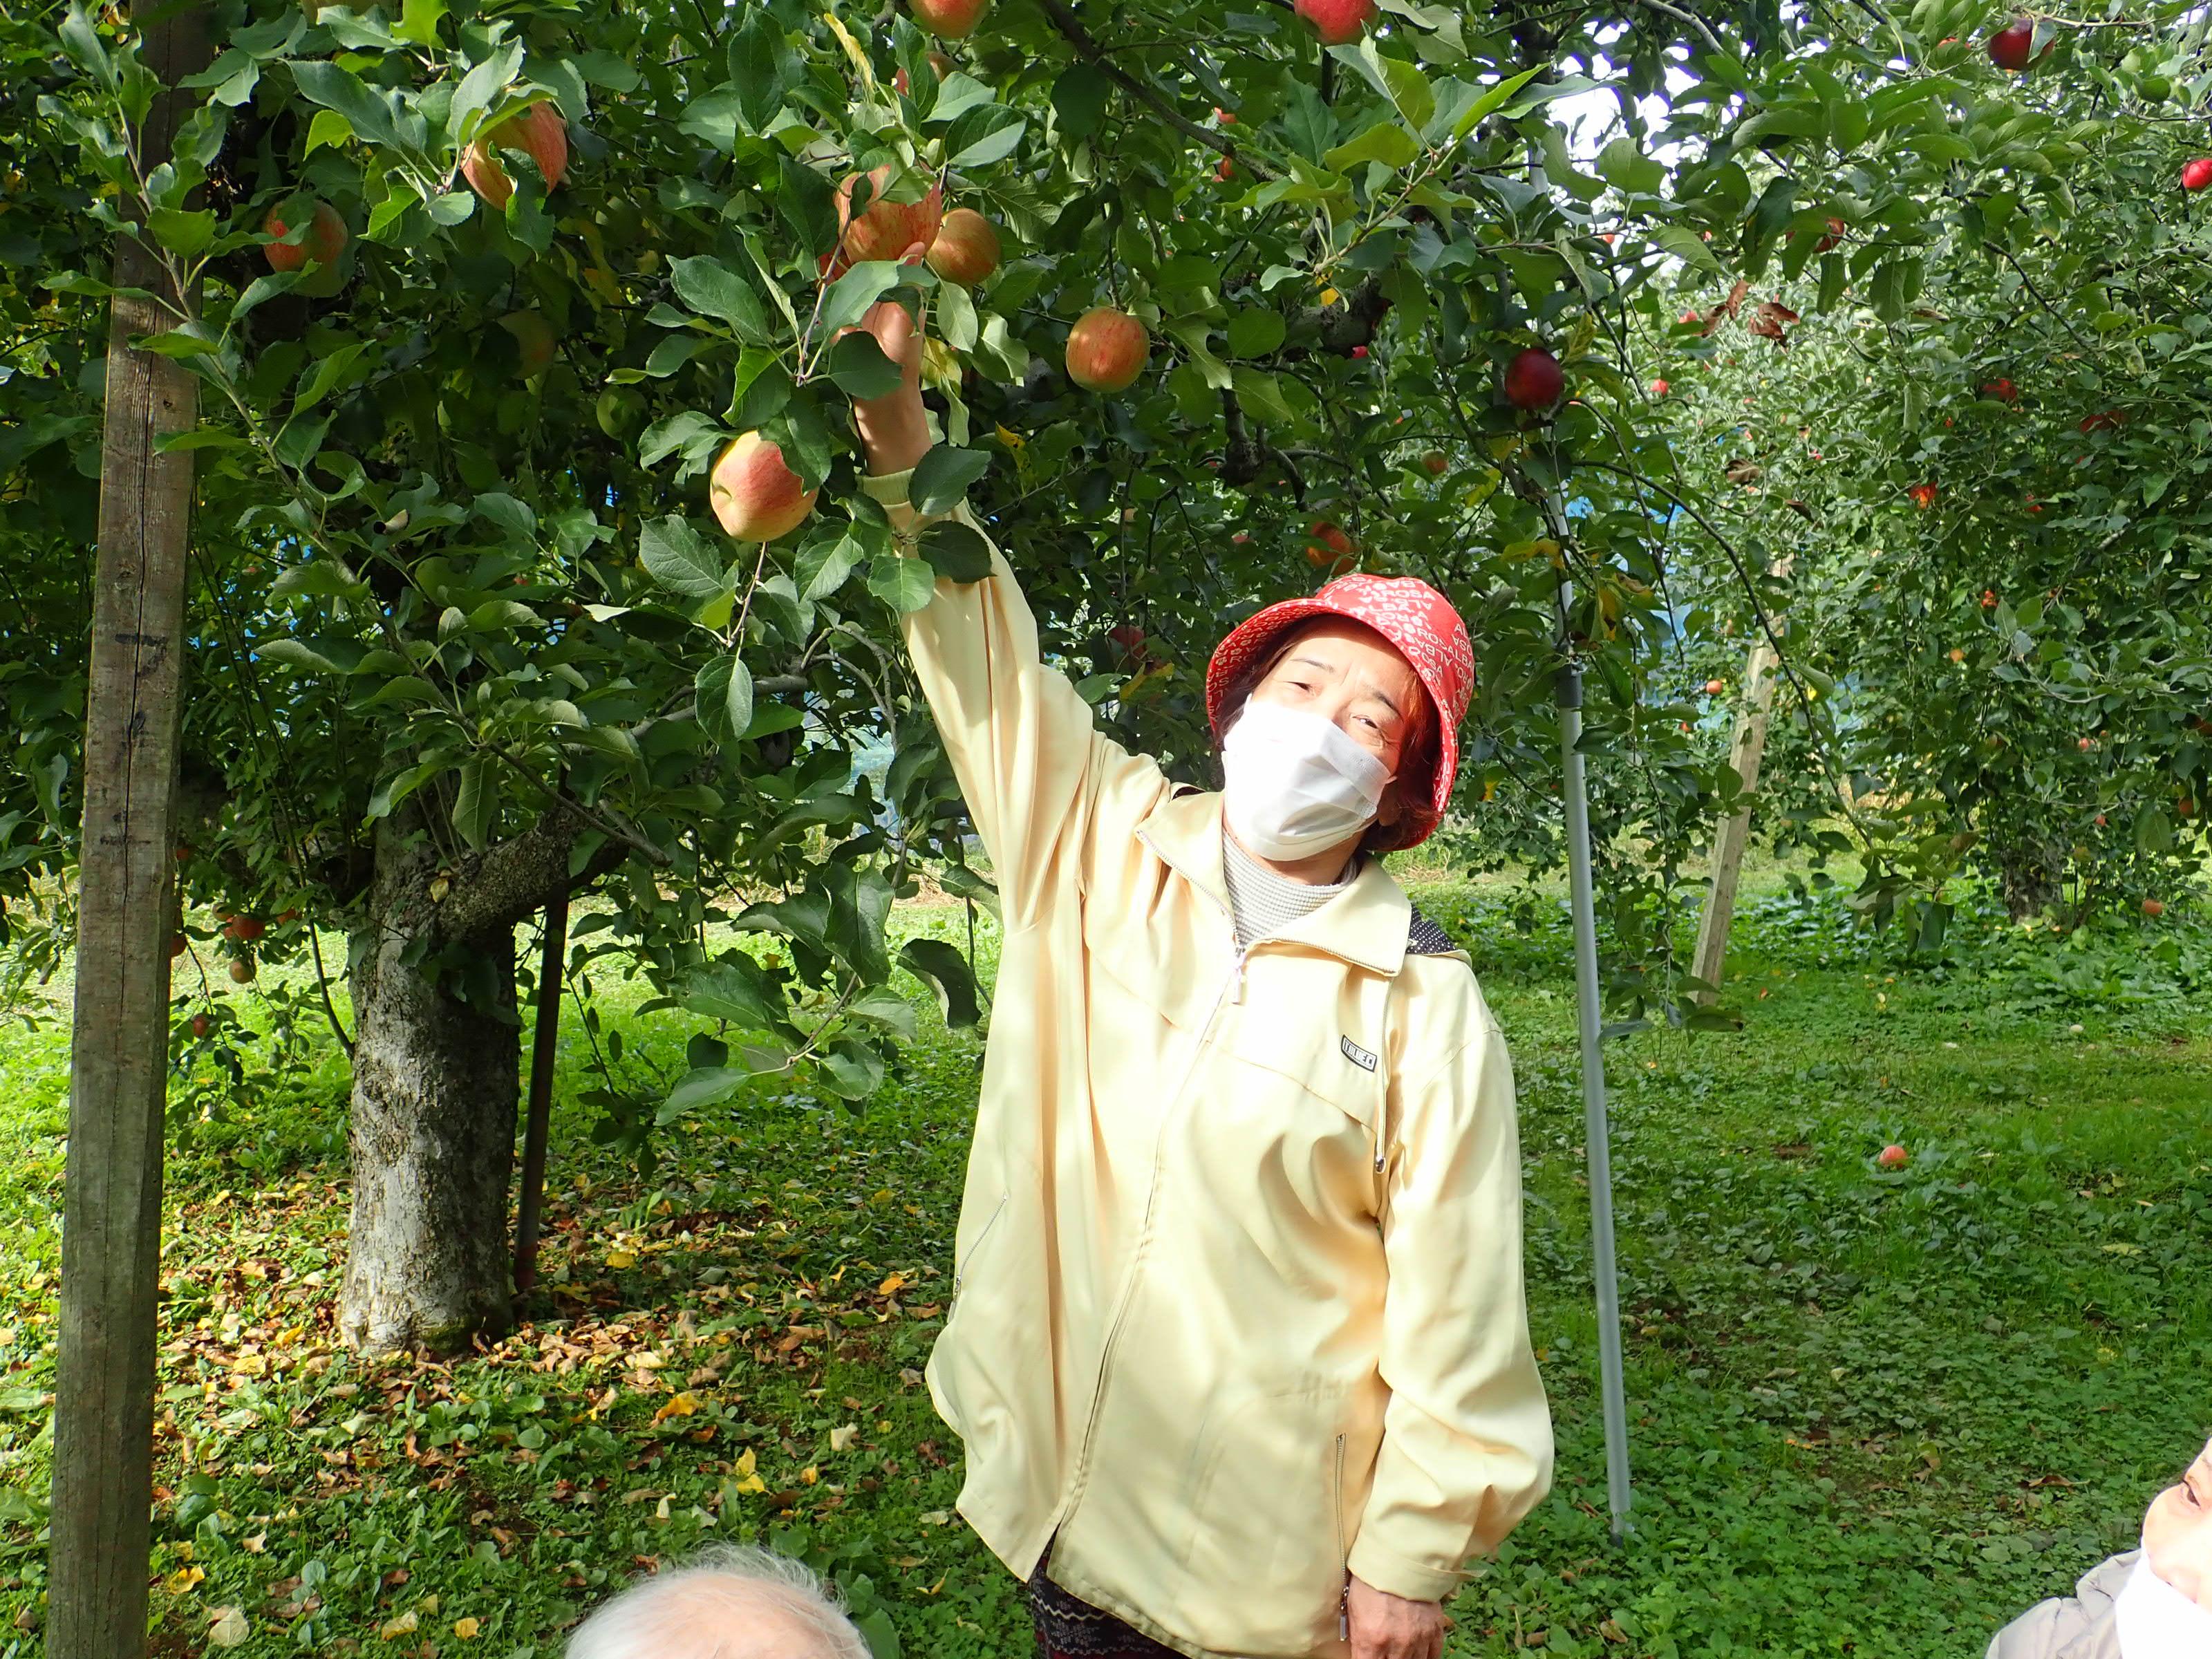 リンゴ狩りでの一コマ